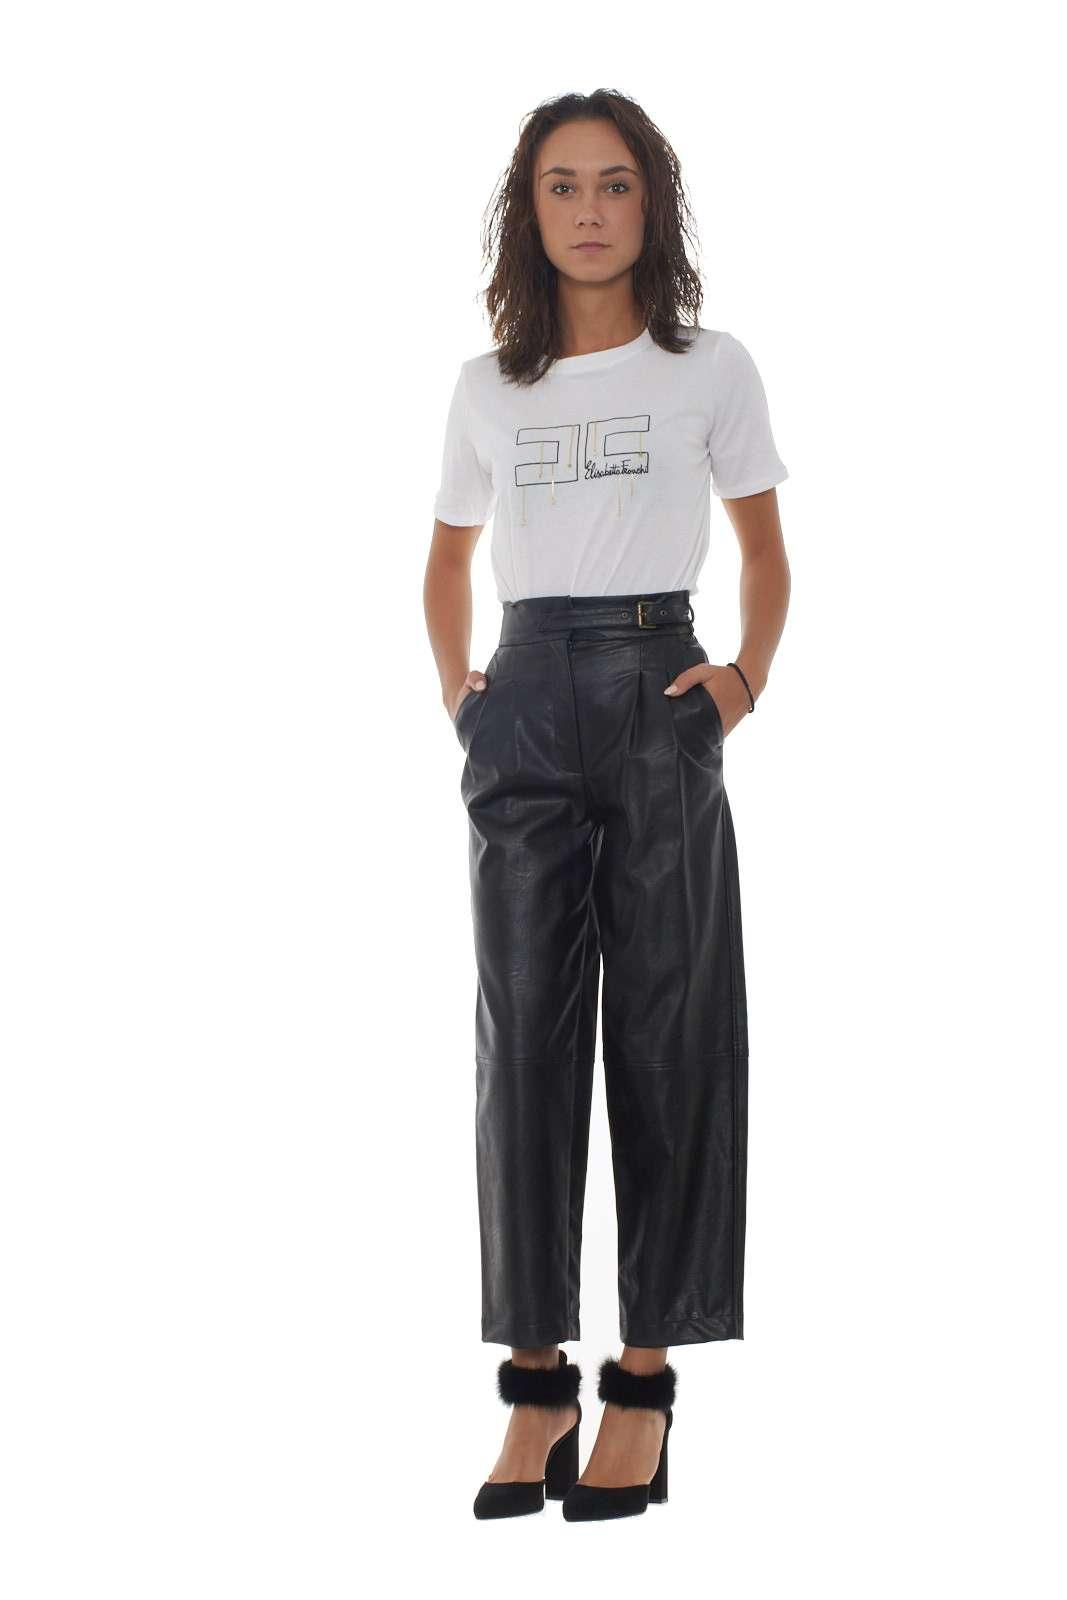 https://www.parmax.com/media/catalog/product/a/i/AI-outlet_parmax-pantaloni-donna-Twin-Set-192TT203C-D.jpg